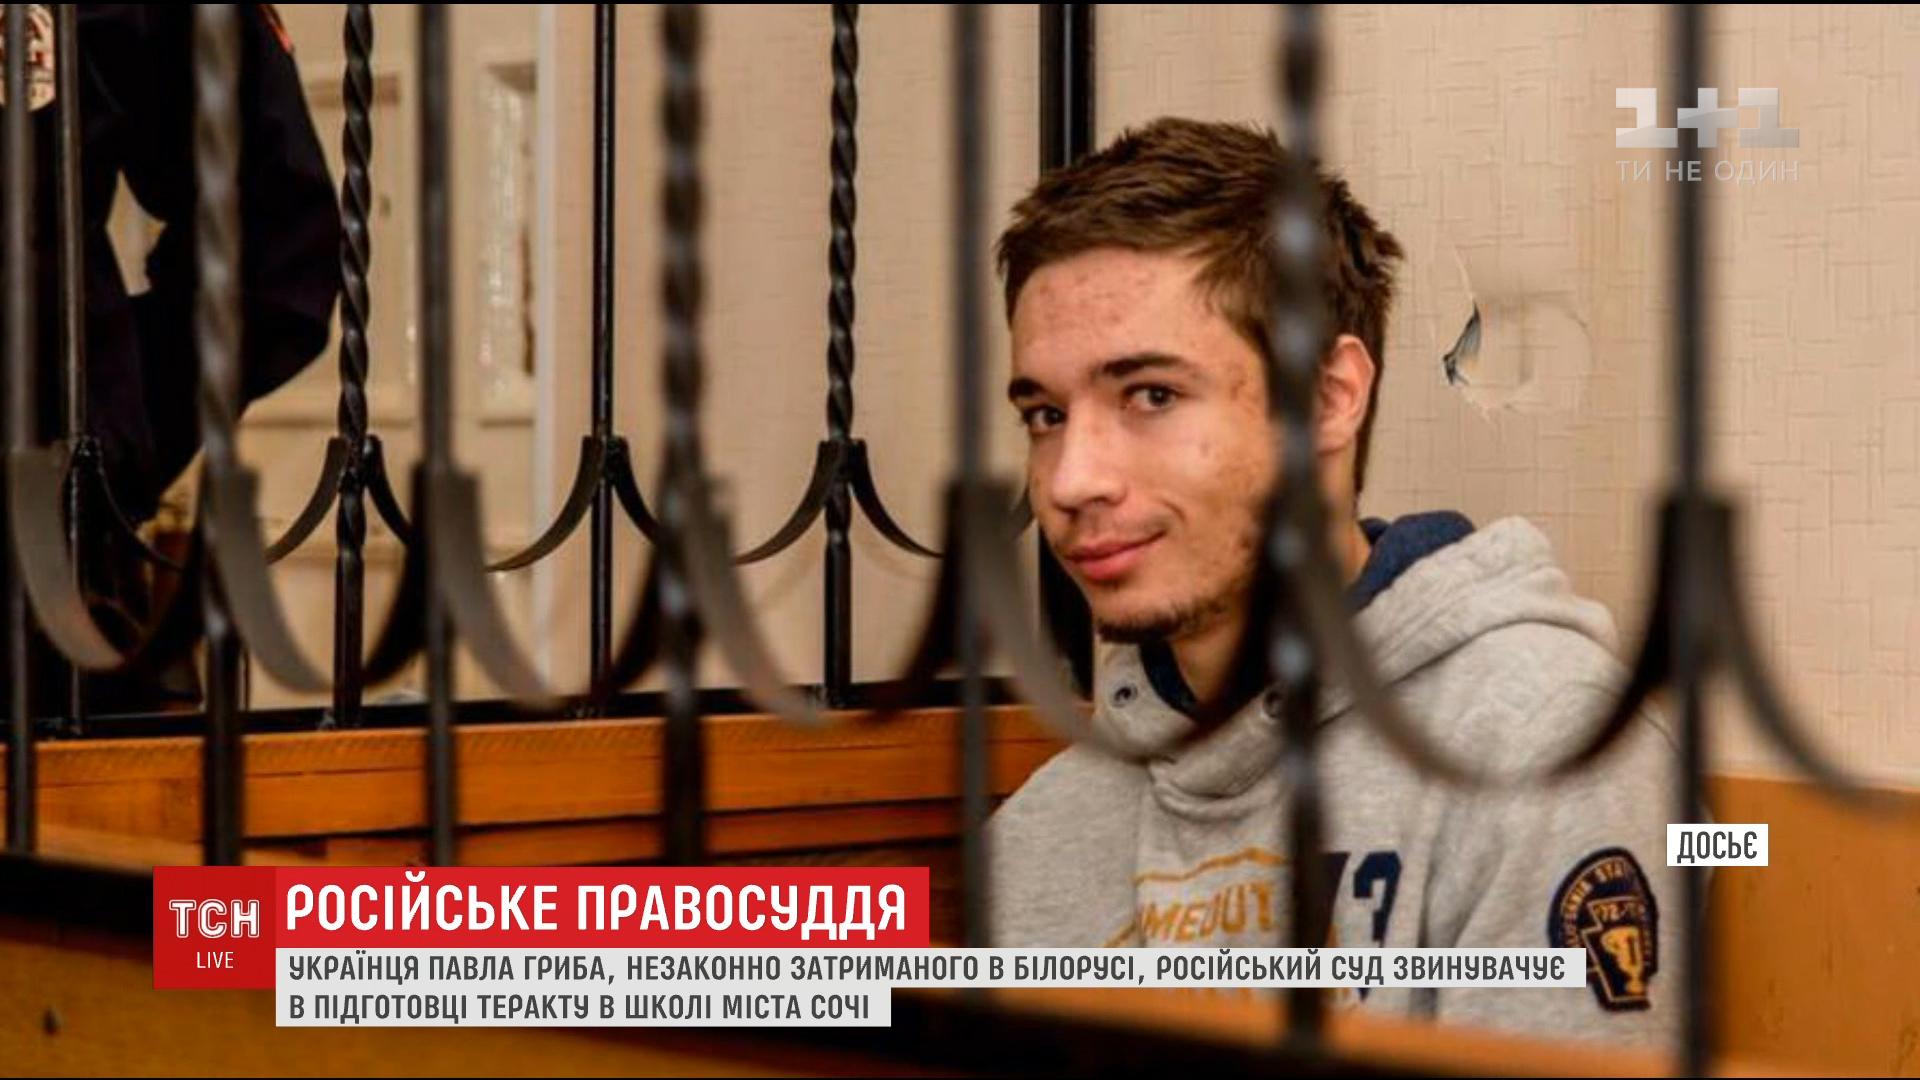 Гриба викрали ФСБшники з території Білорусі / Скріншот відео ТСН